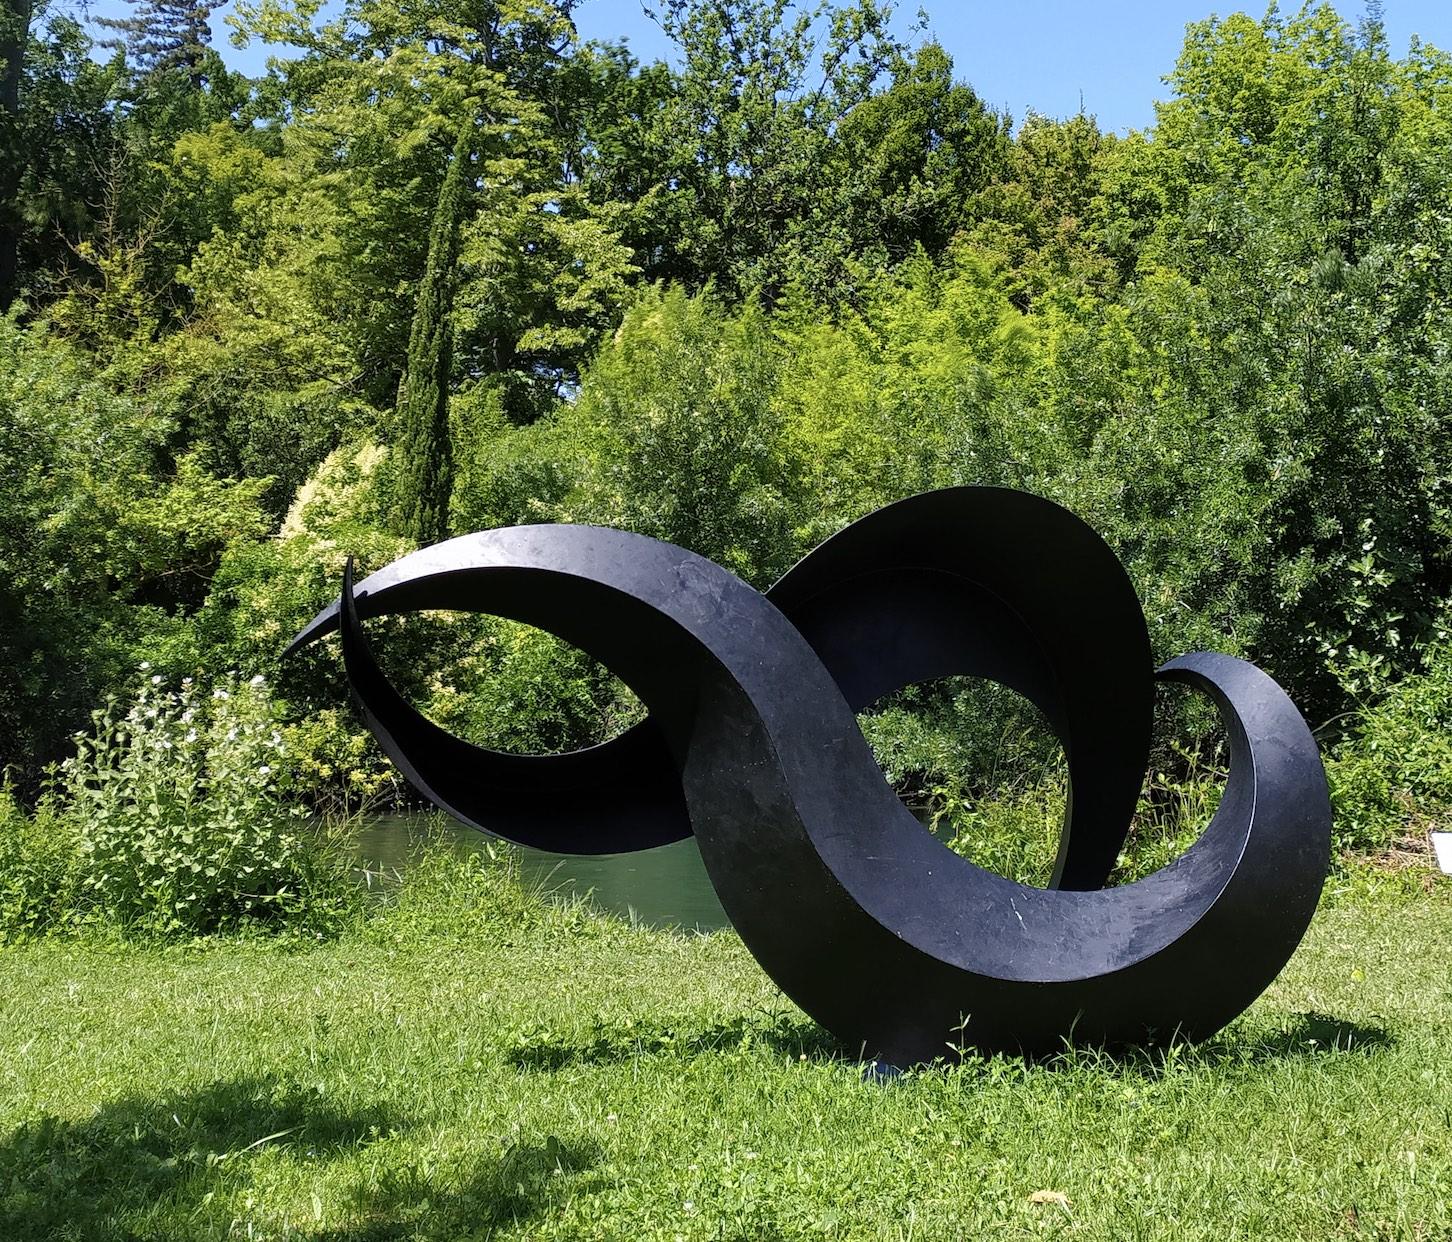 sculpture métal pour le jardin de francis guerrier en vente dans le store de la galerie 22